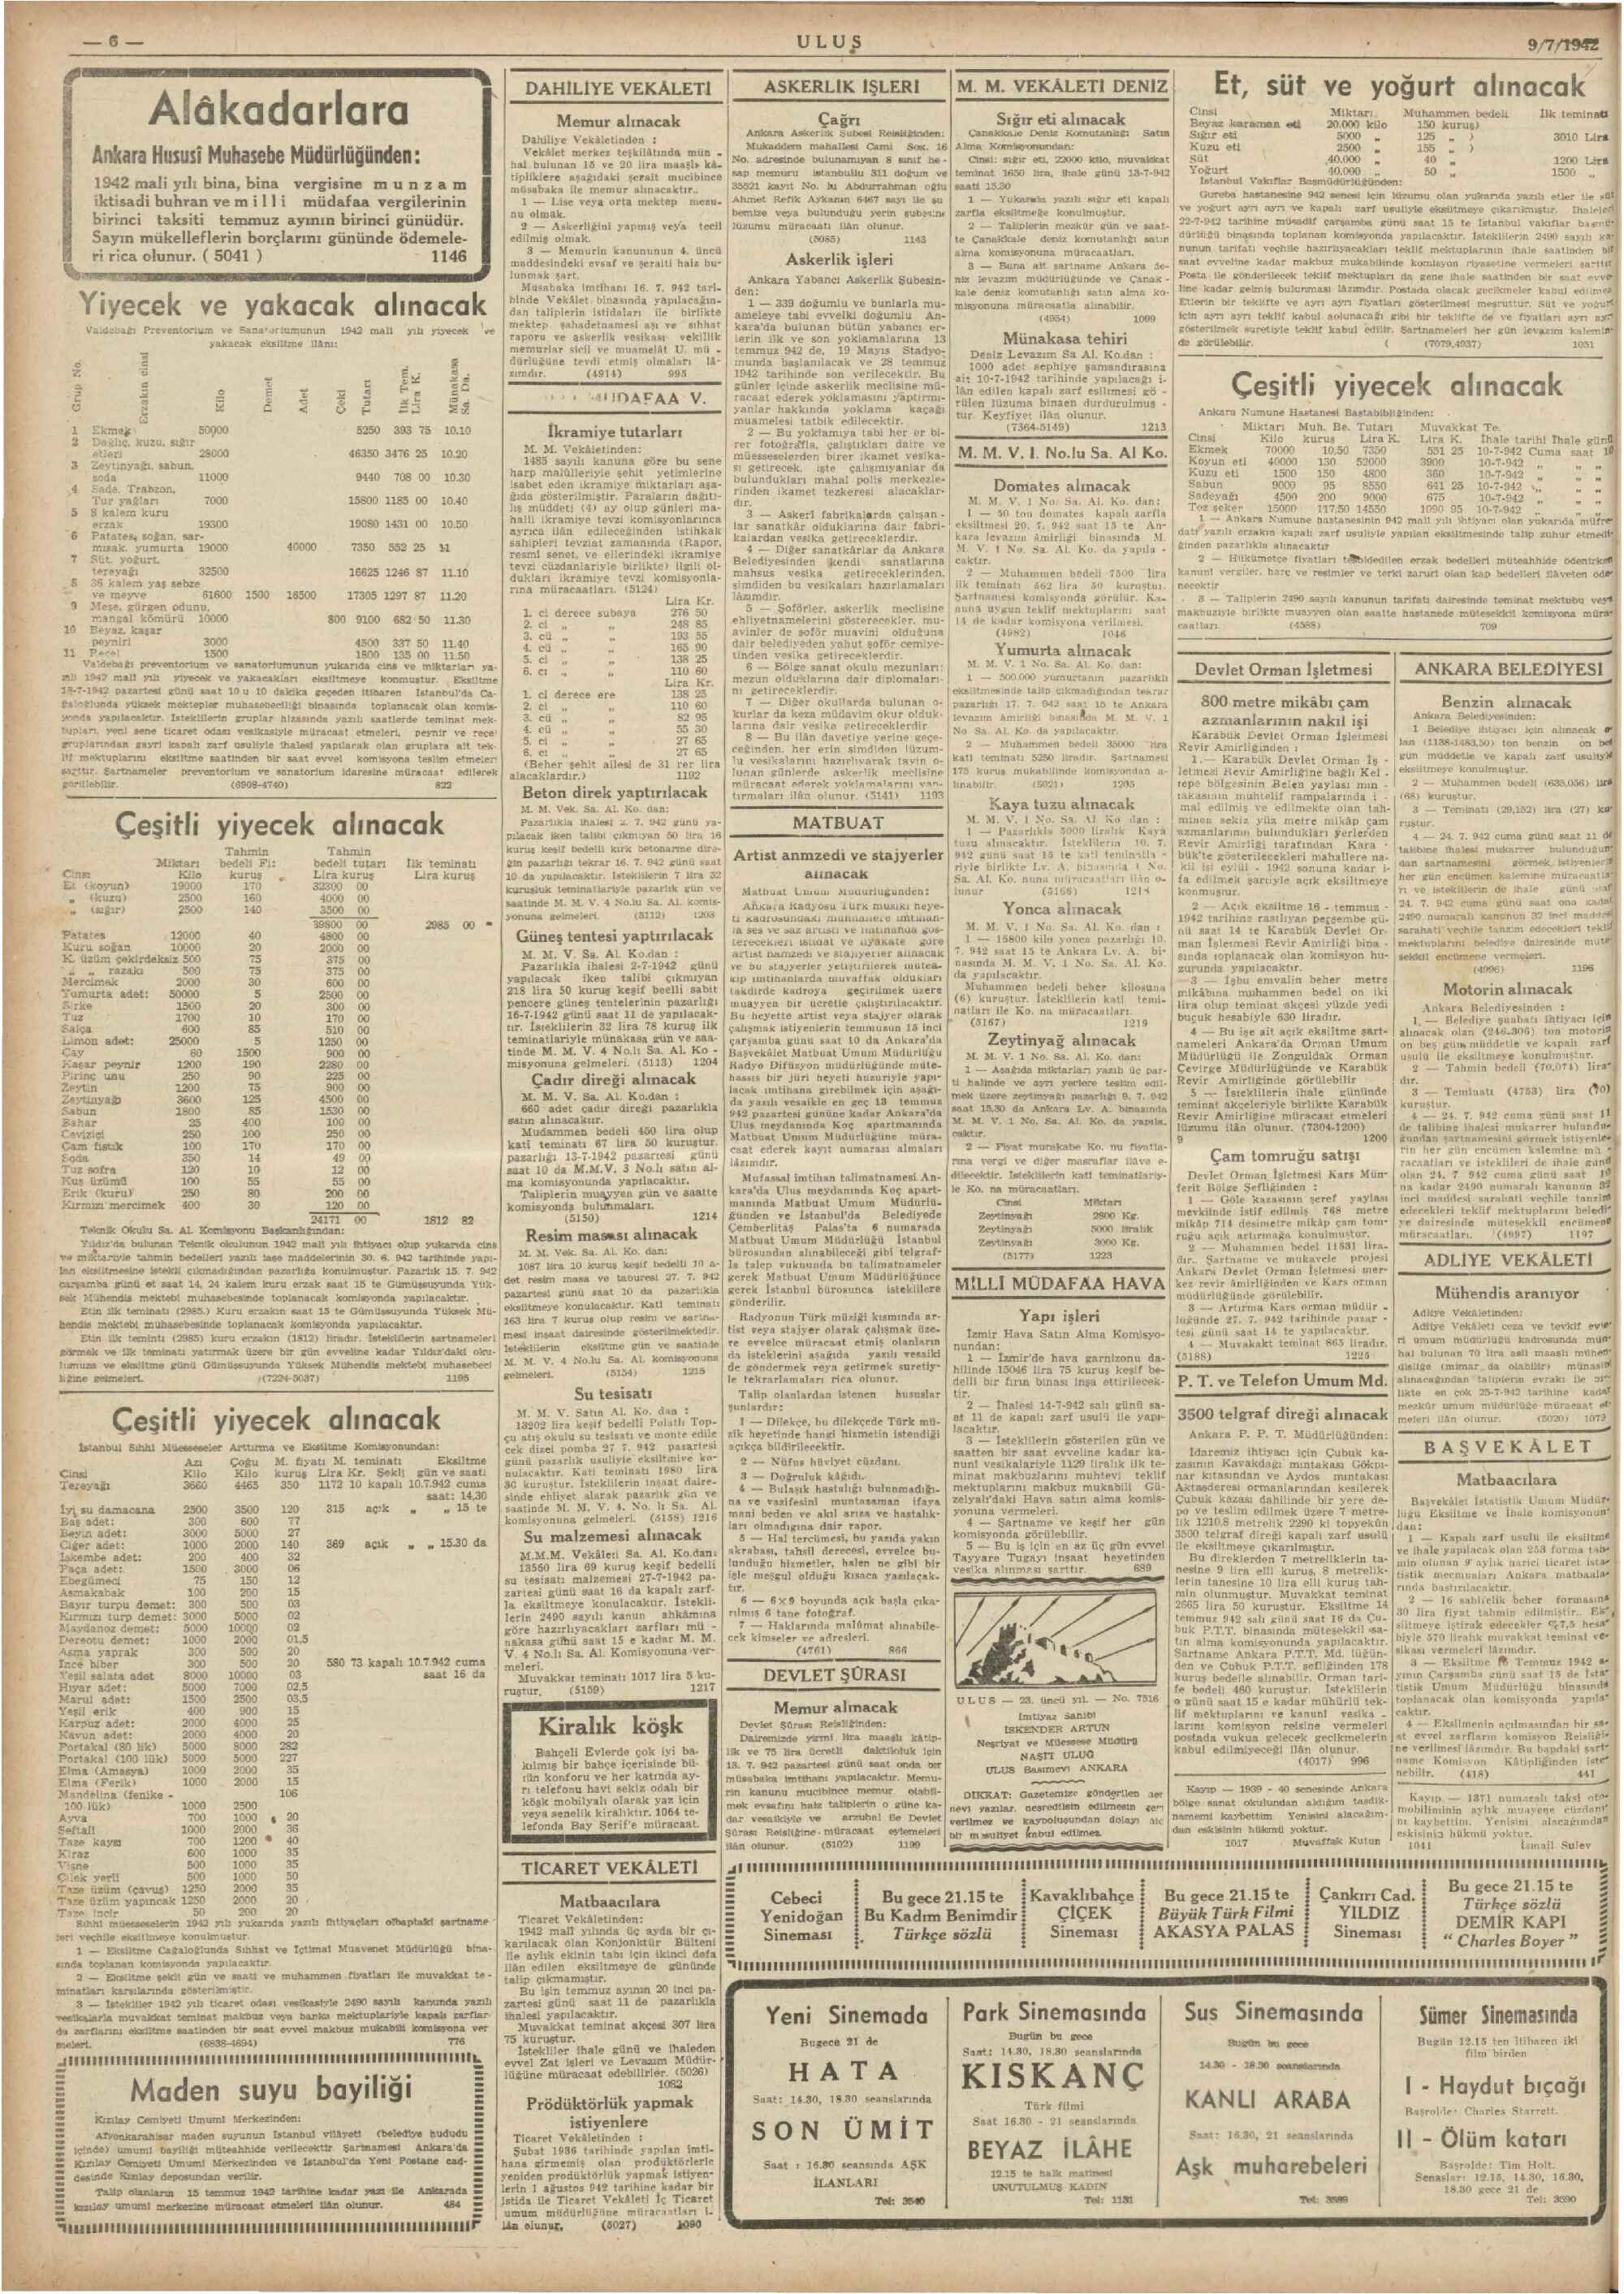 9 Temmuz 1942 Tarihli Ulus Gazetesi Sayfa 6